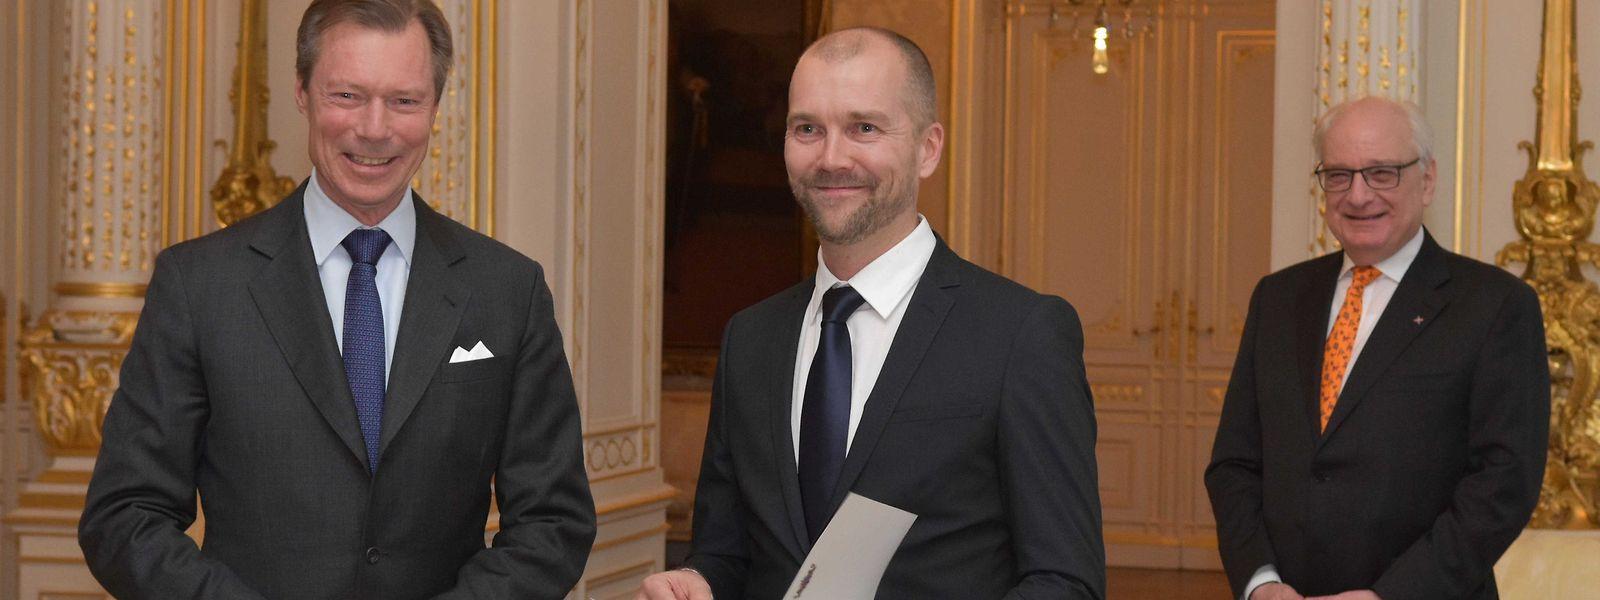 """Am Donnerstag überreichte Großherzog Henri den """"Prix Grand-Duc Adolphe"""" an Miikka Heinonen. Rechts im Bild der Staatssekretär im Kulturministerium Guy Arendt."""